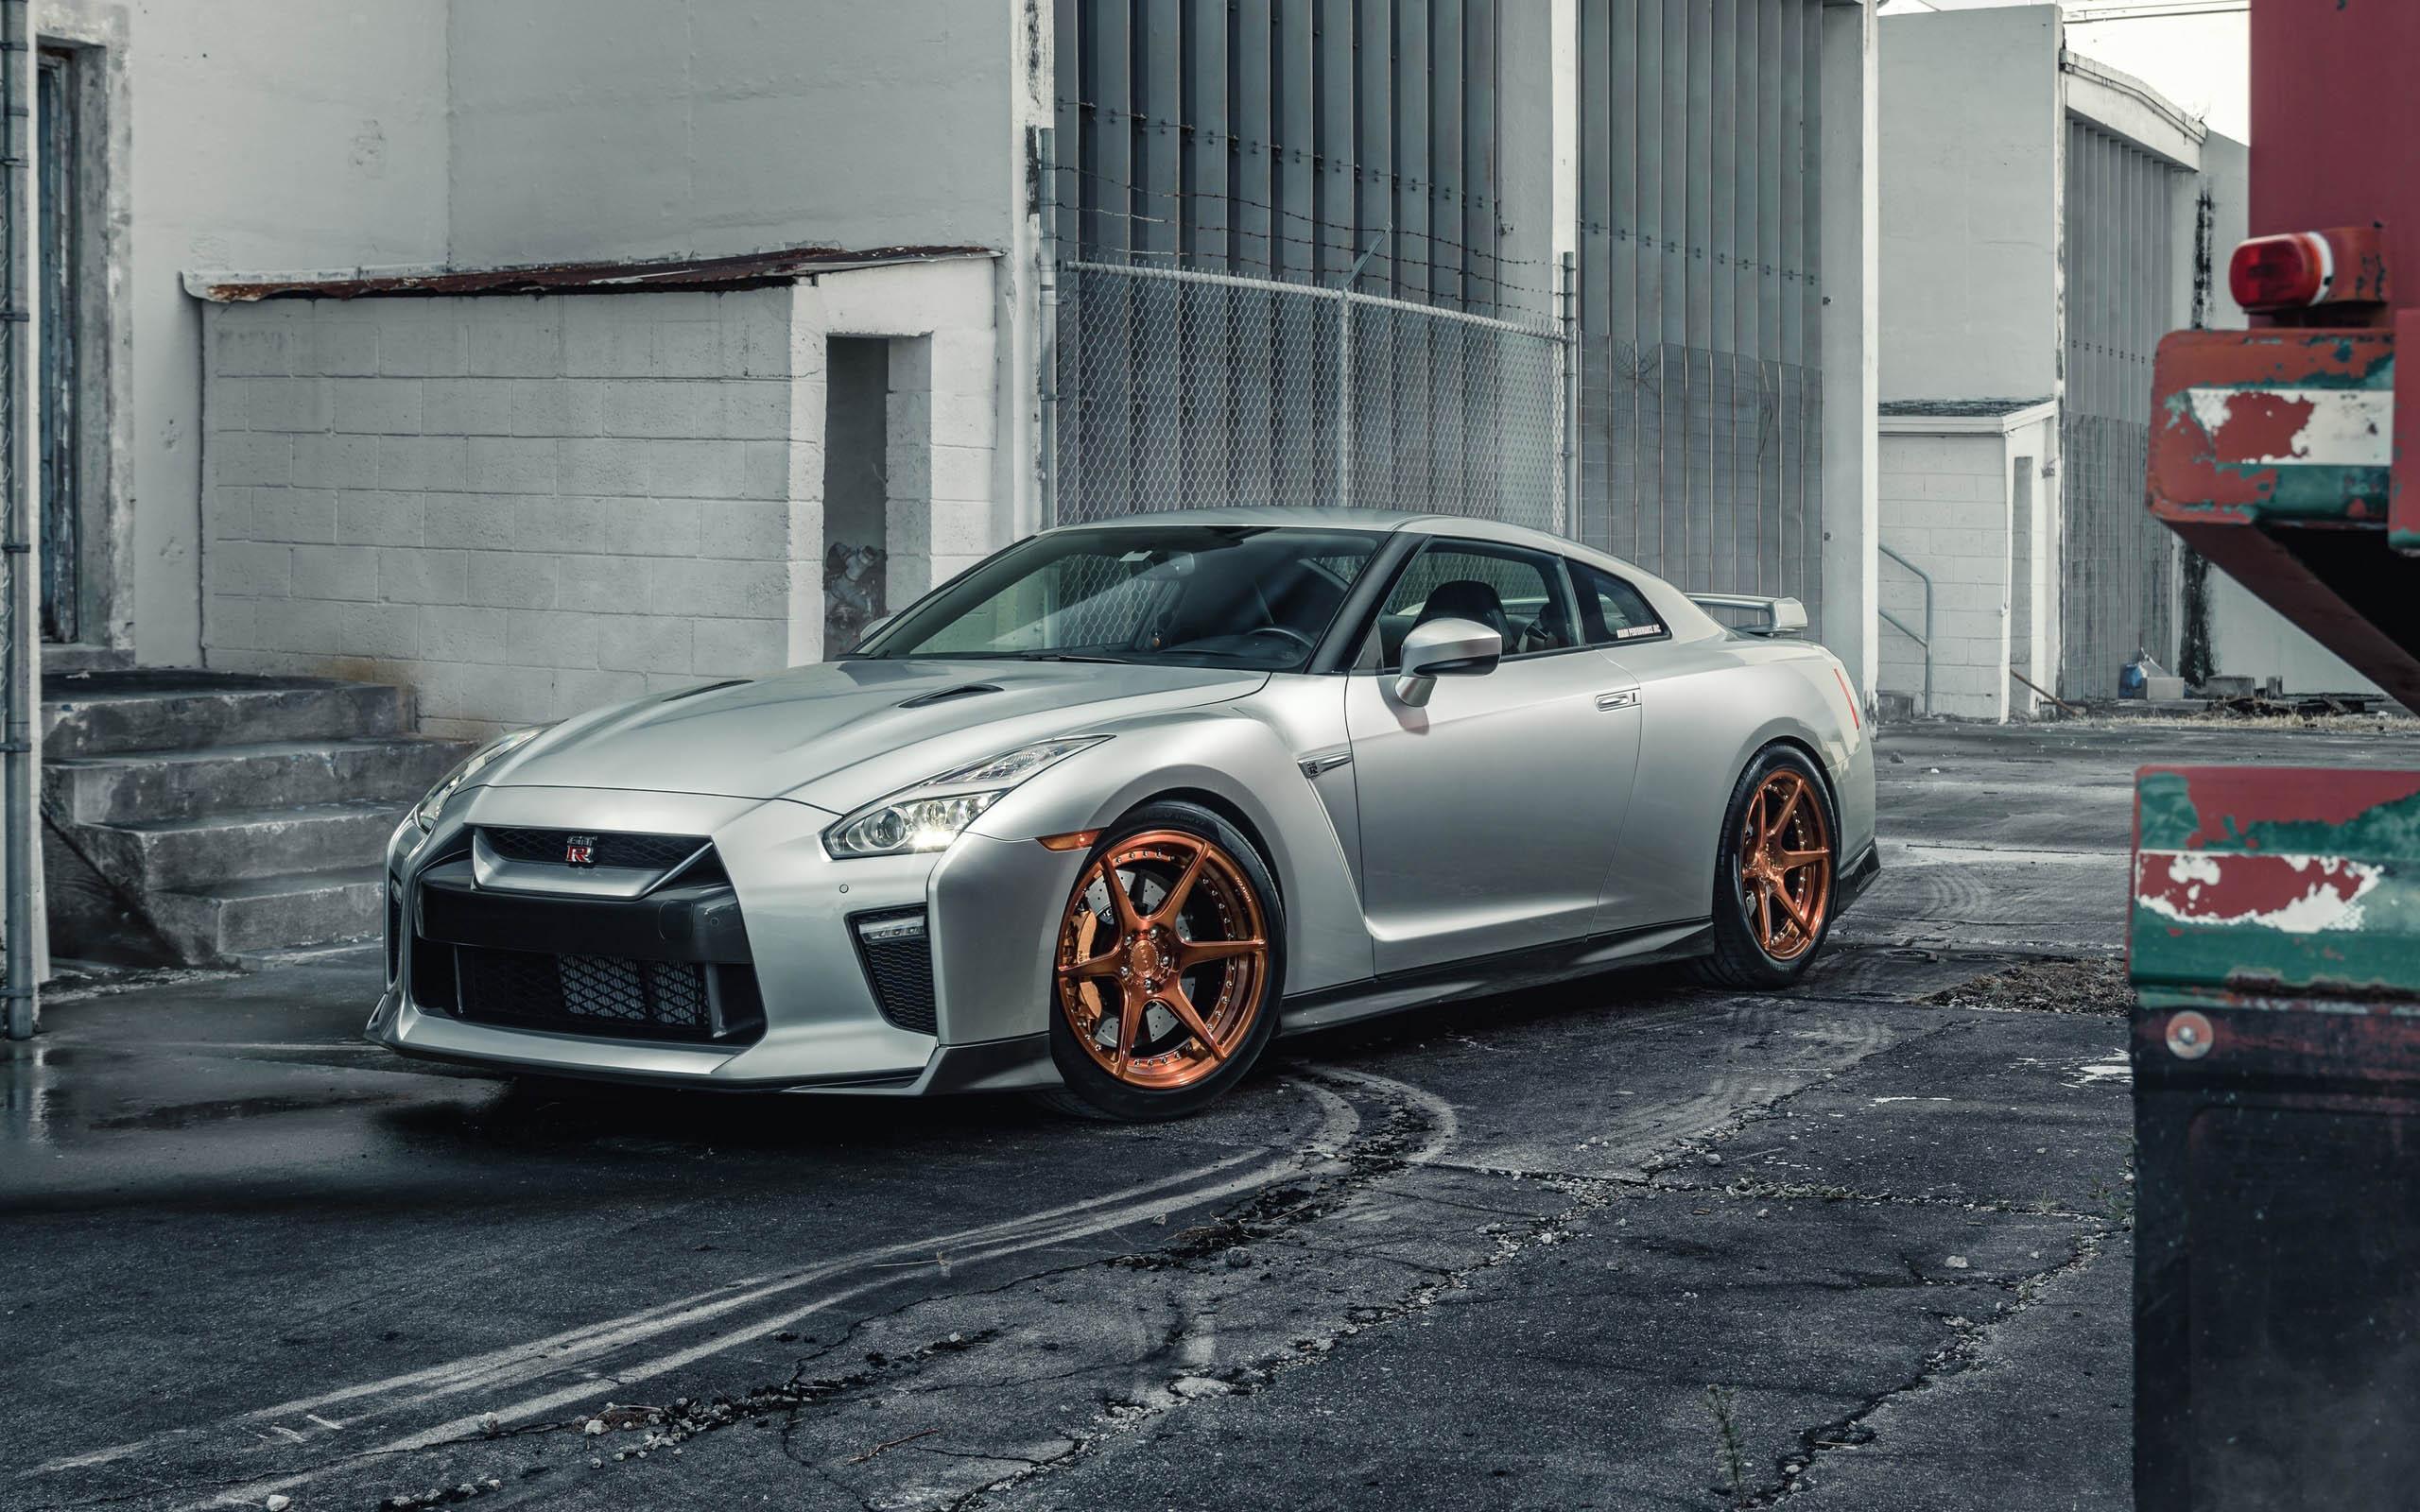 Невероятные и красивые обои, картинки - Nissan GT-R 9